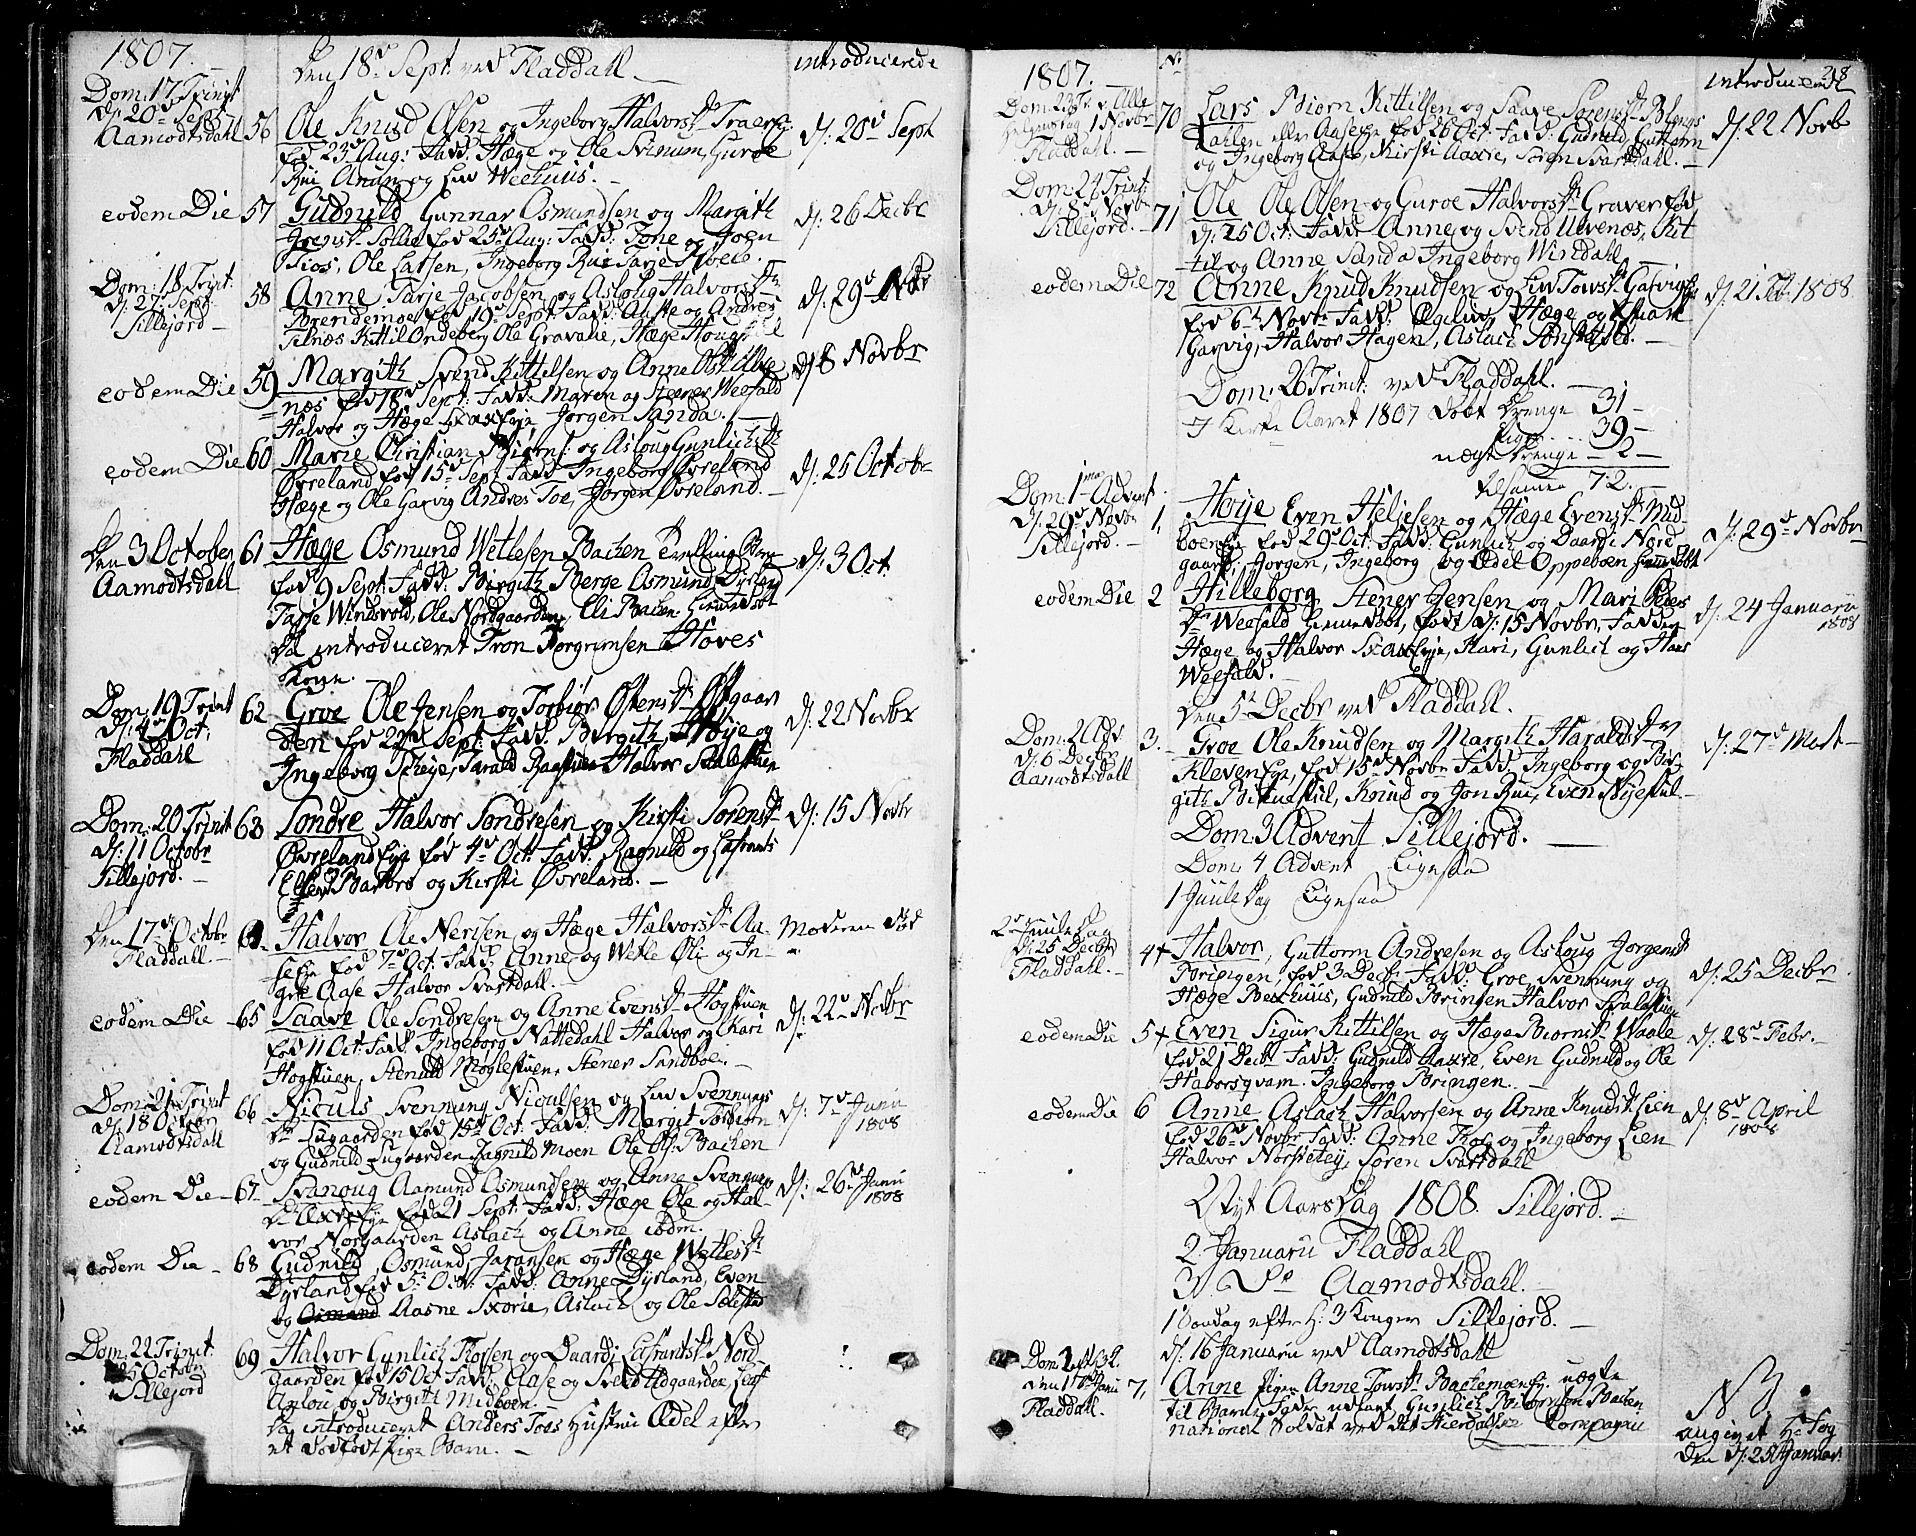 SAKO, Seljord kirkebøker, F/Fa/L0009: Ministerialbok nr. I 9, 1801-1814, s. 28